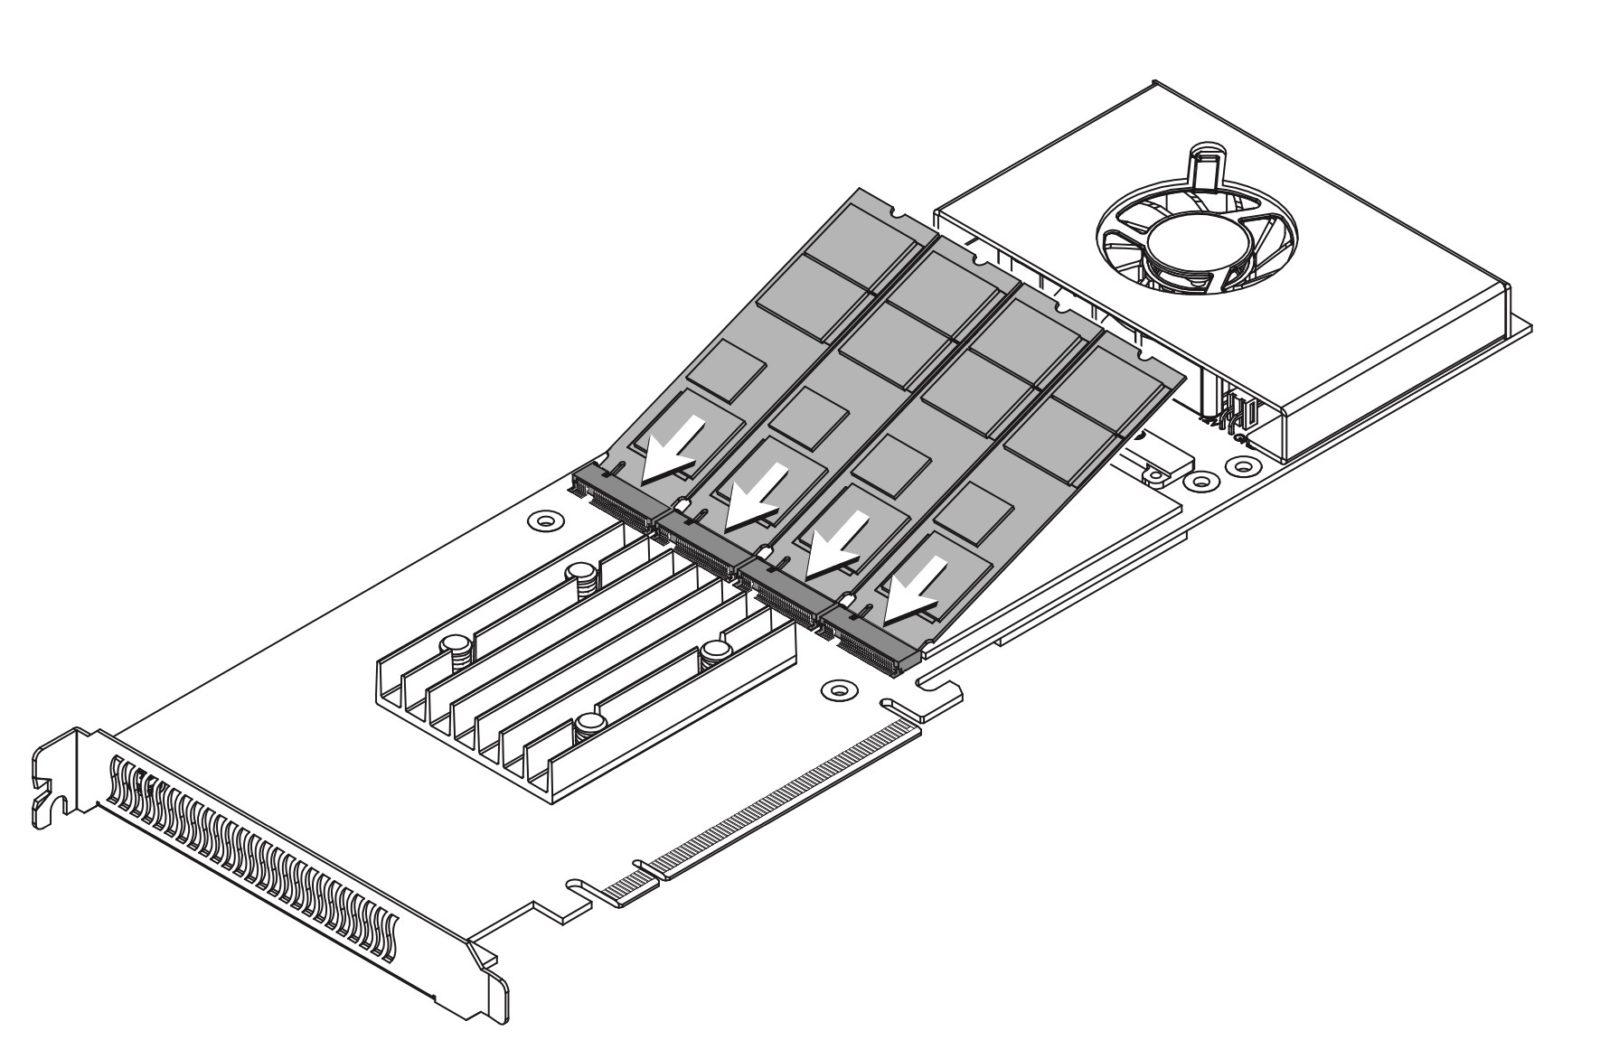 Con la scheda PCIe Sonnet M.2 4×4 si sfruttano quattro unità SSD M.2 NVMe su Mac Pro vecchi e nuovi